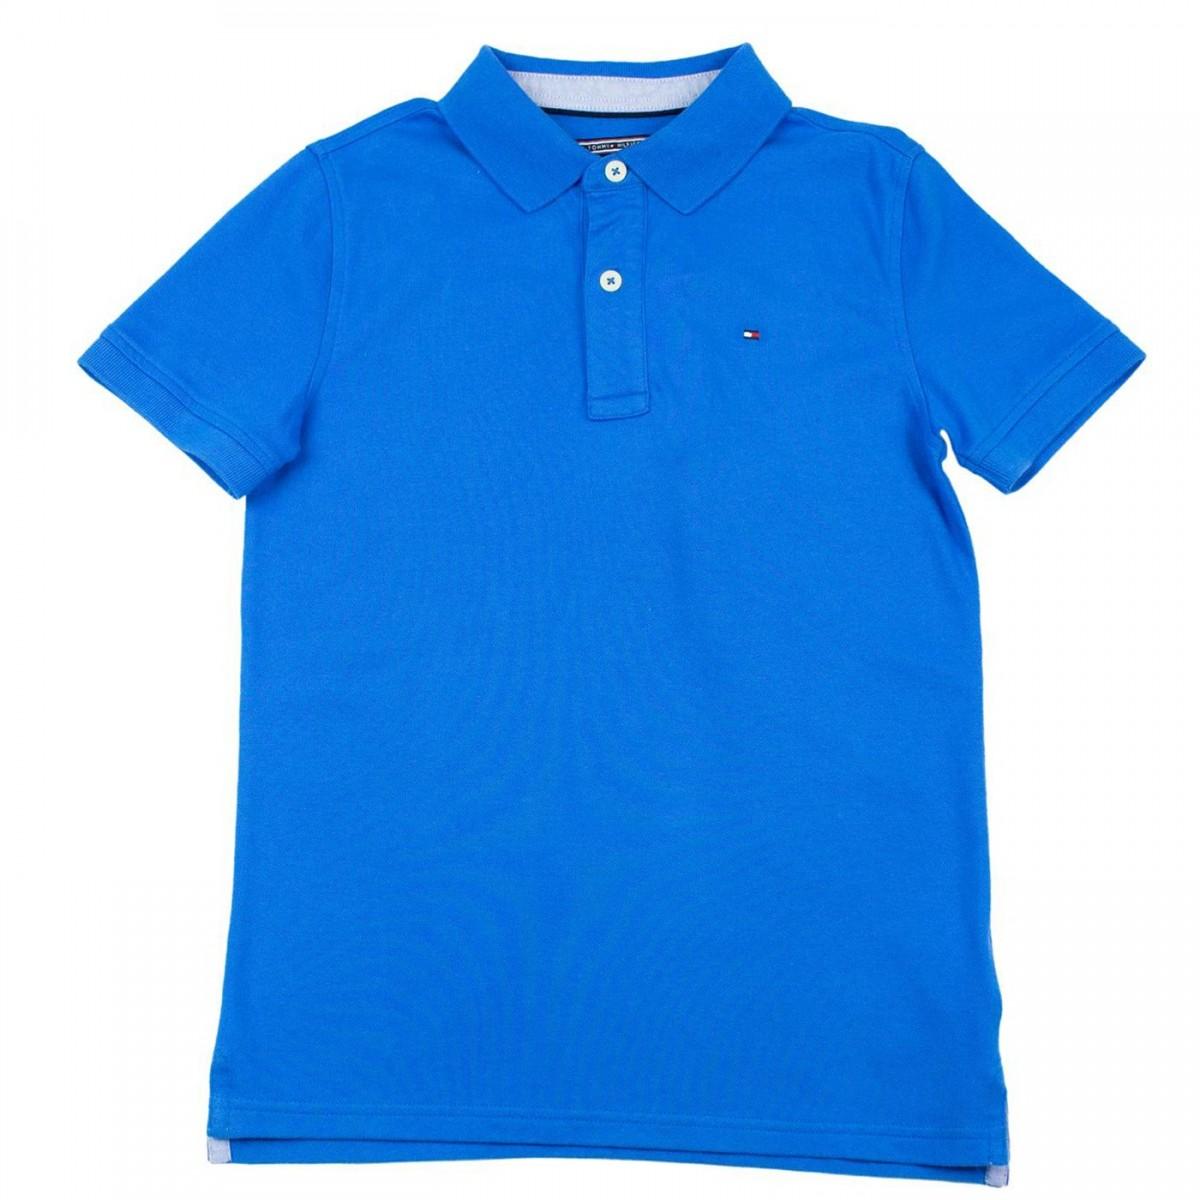 556ef00ee461c Bizz Store - Camisa Polo Infantil Masculina Tommy Hilfiger